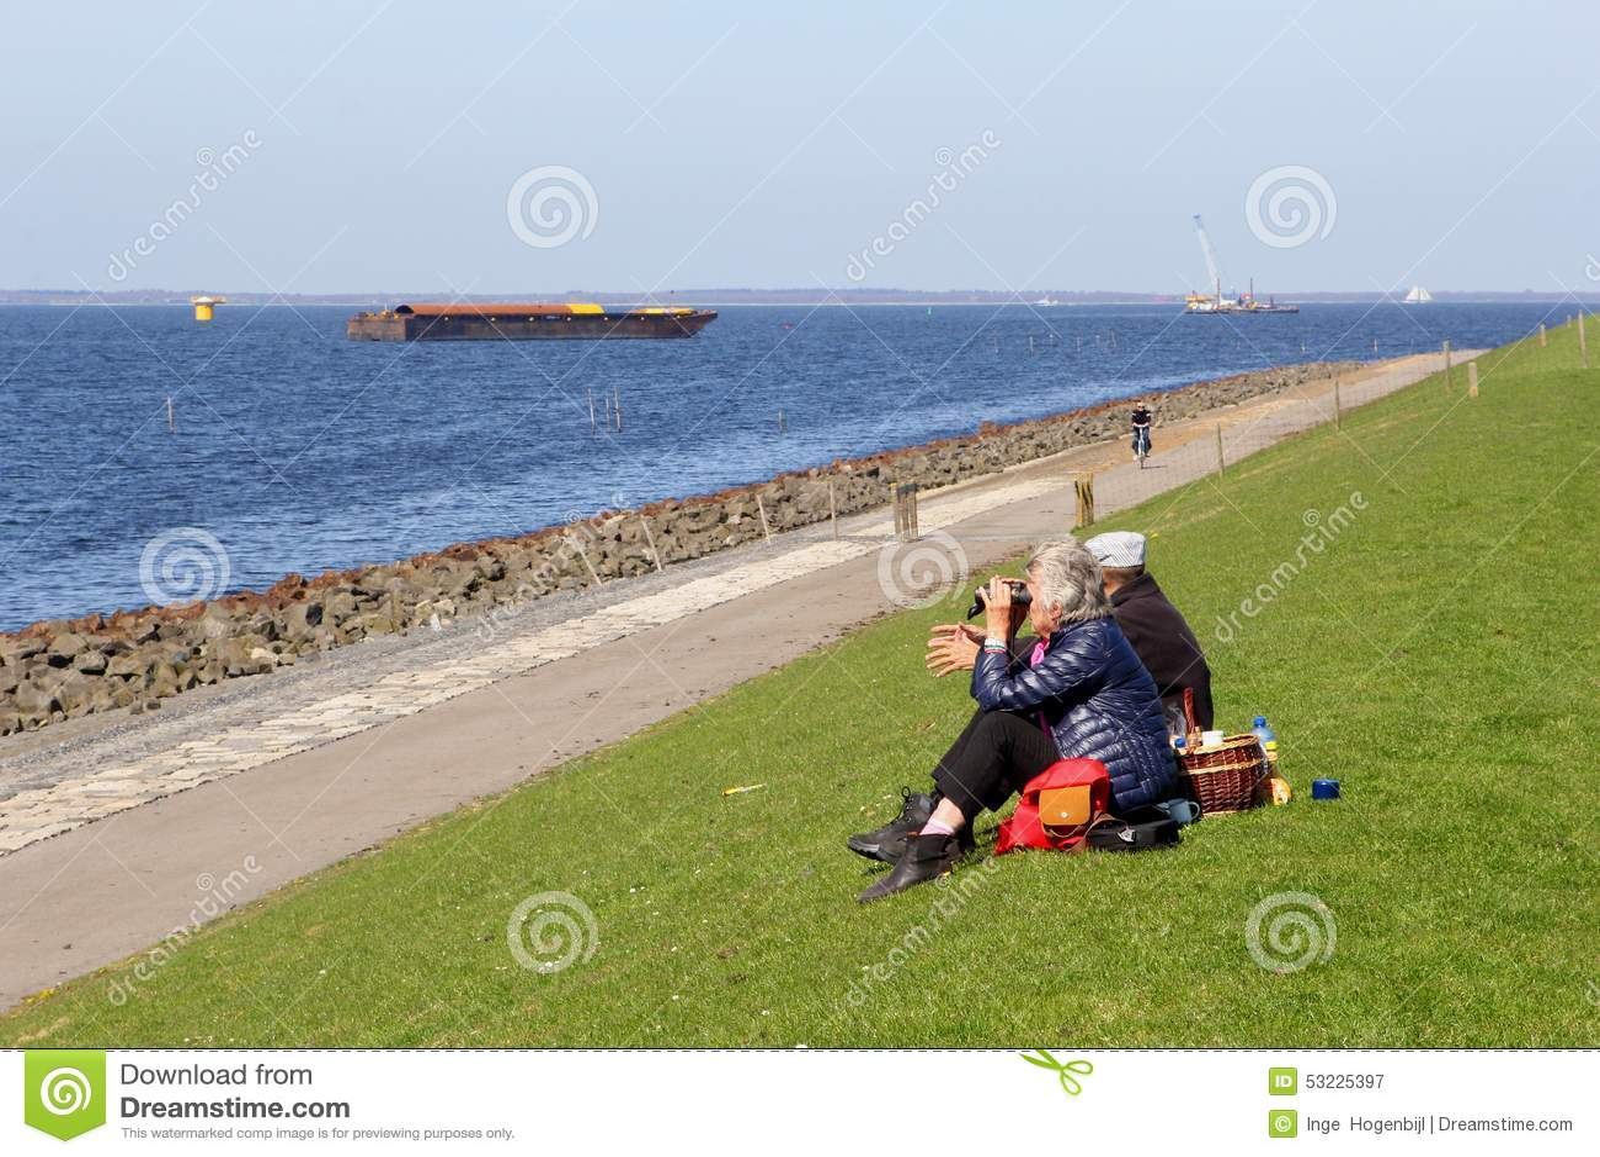 Júntese tiene un picknick y disfruta de la visión en el IJsselmeer, Países Bajos